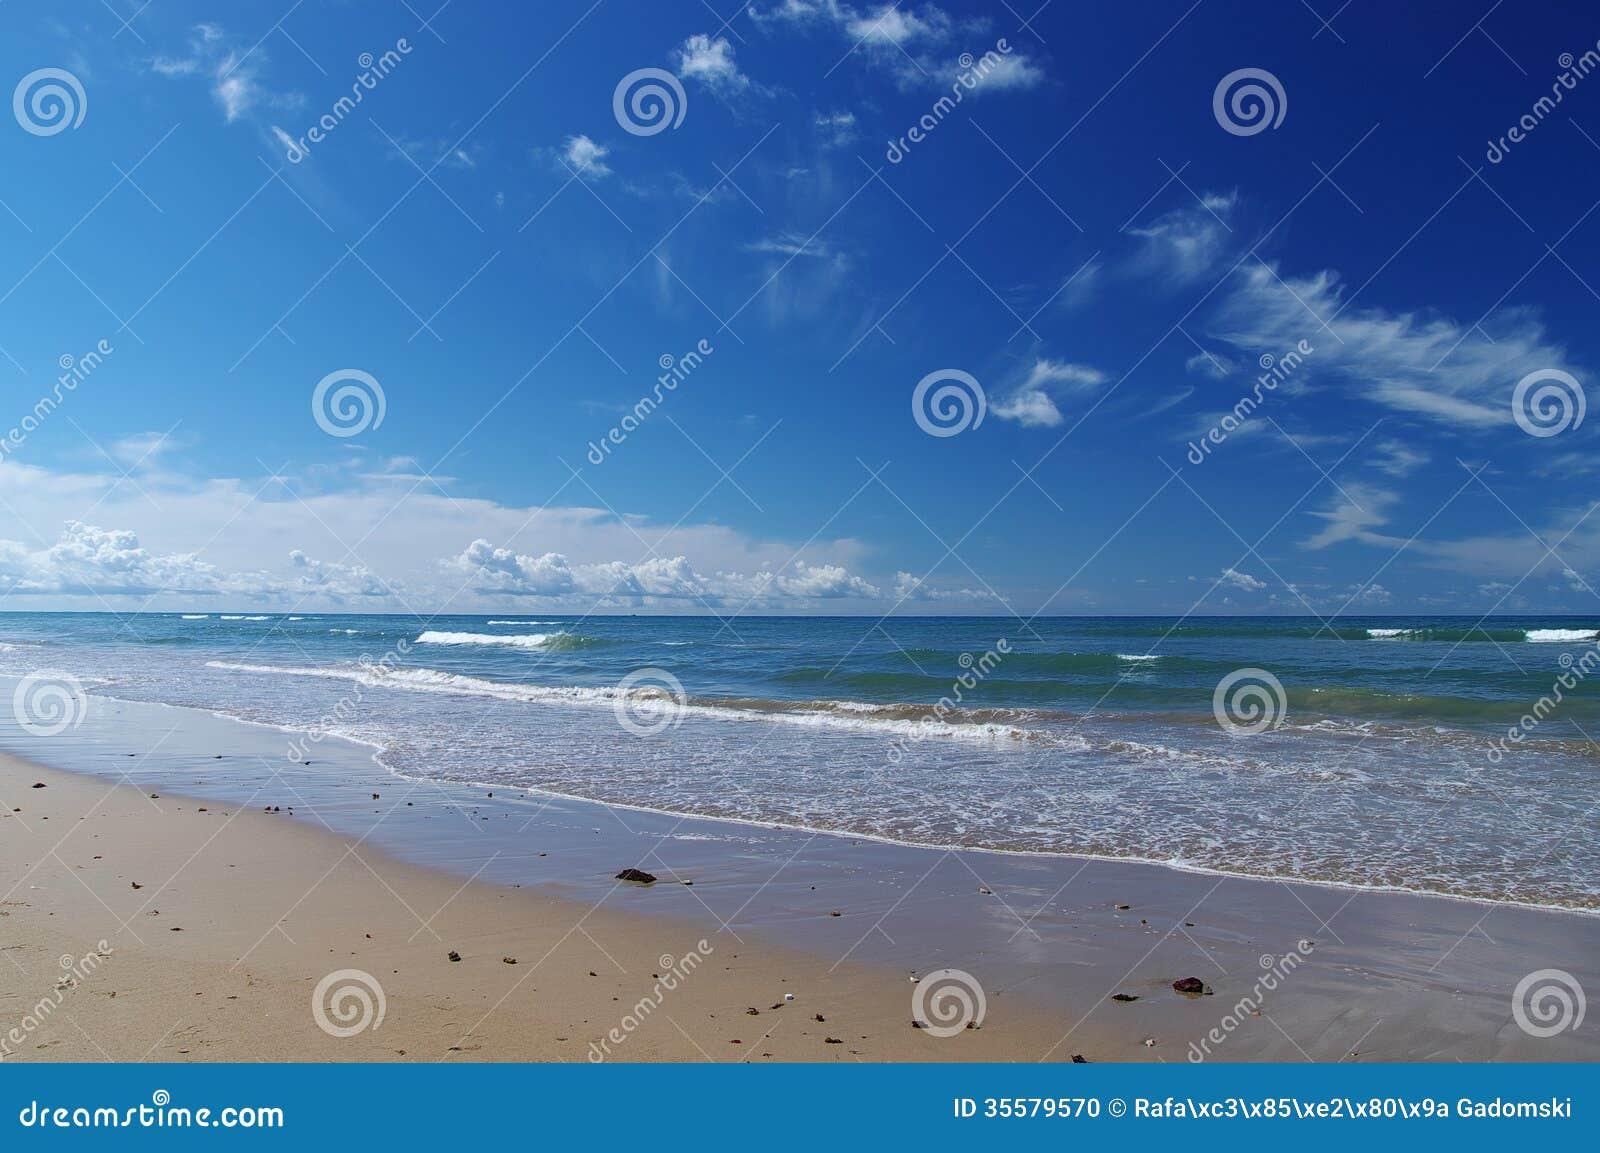 Beach of Costa de la Luz